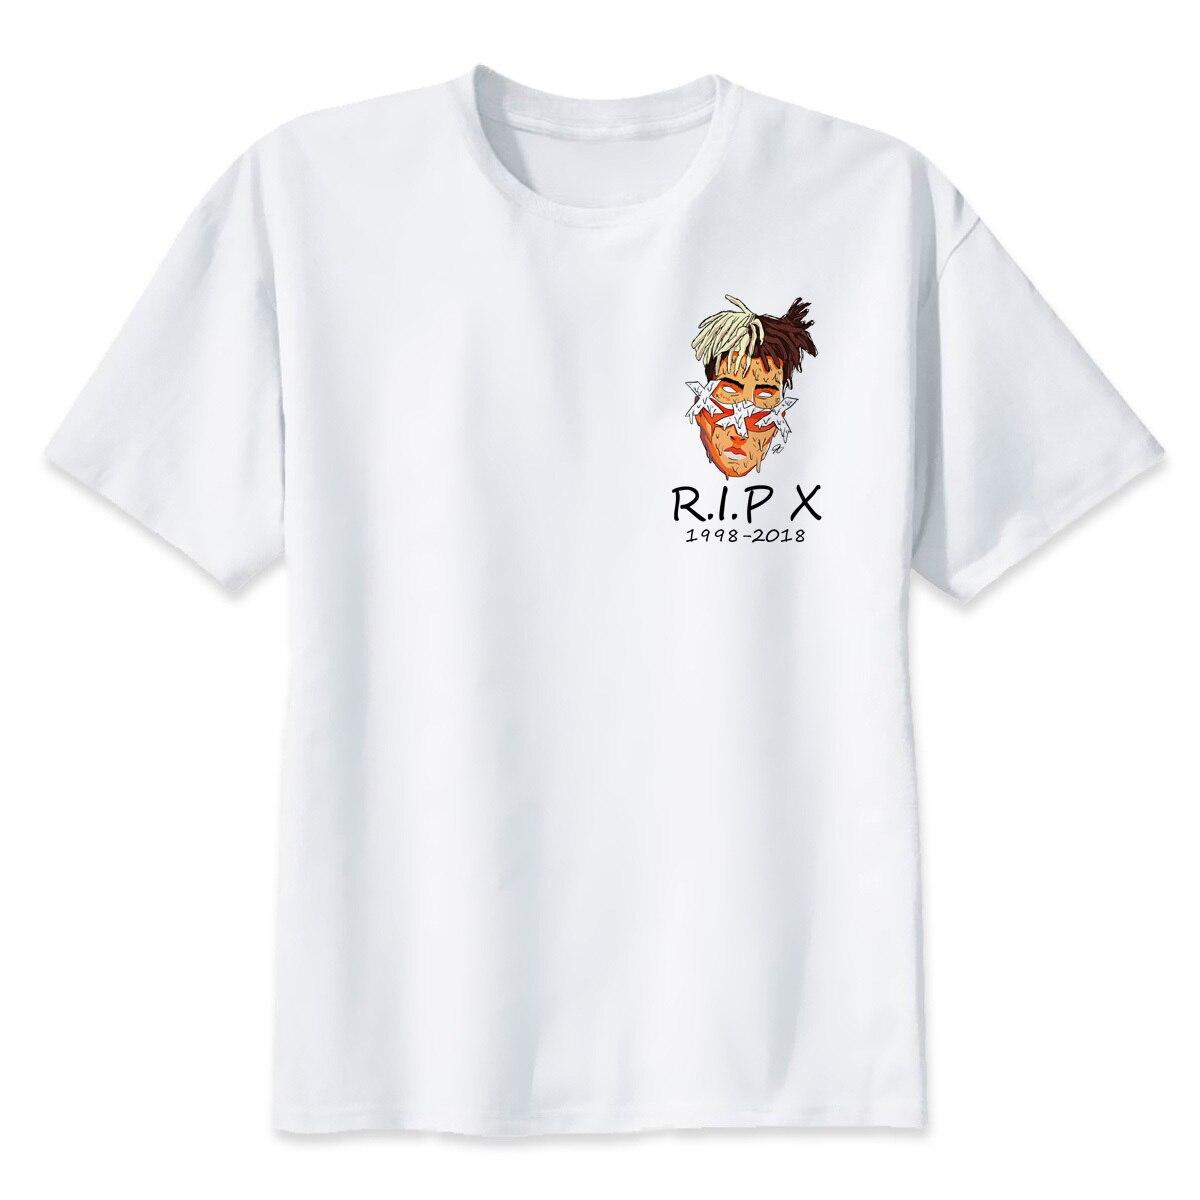 Xxxtentacion RIP Charakter Druck T-Shirt Mode Lässig Fitness Kühlen Oansatz  männer T Shirt Sommer 0ca1661e2b3